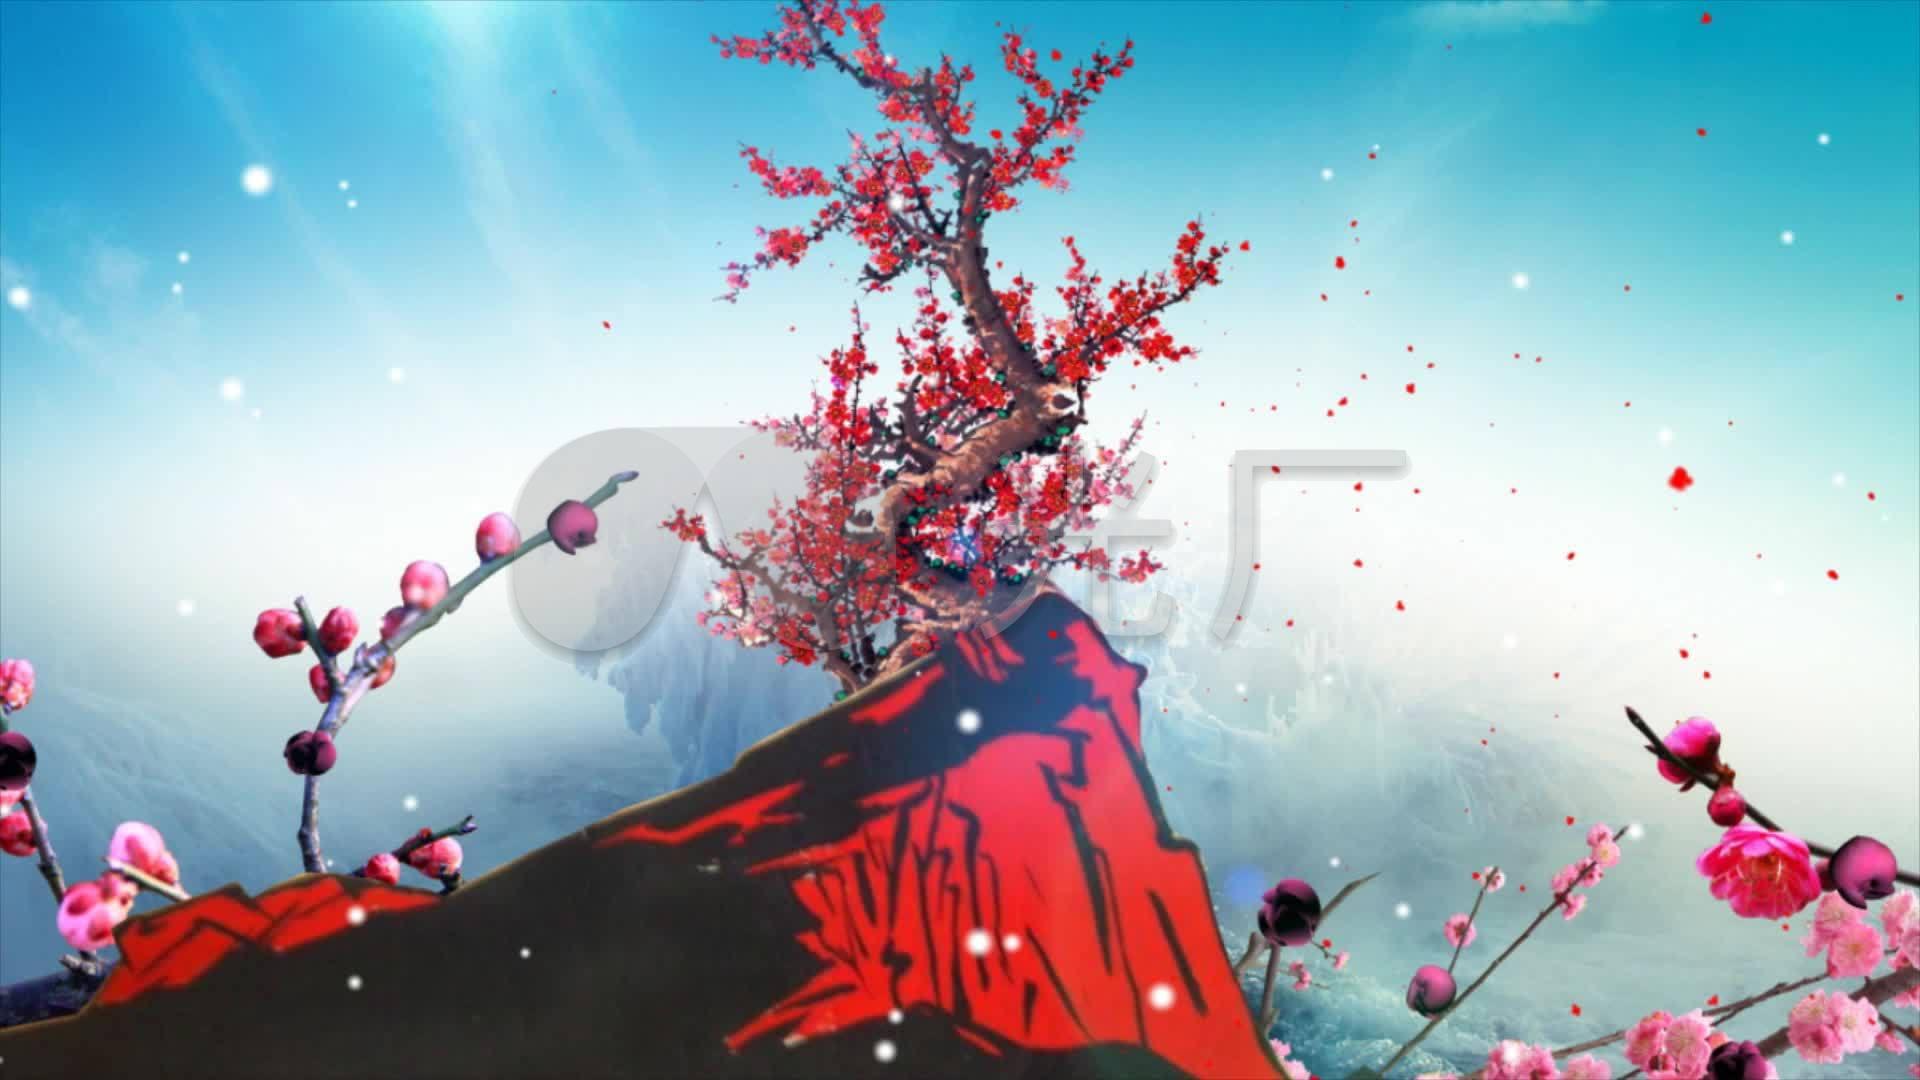 最新红梅赞配乐_1920X1080_野鸡视频高清下素材的视频打图片